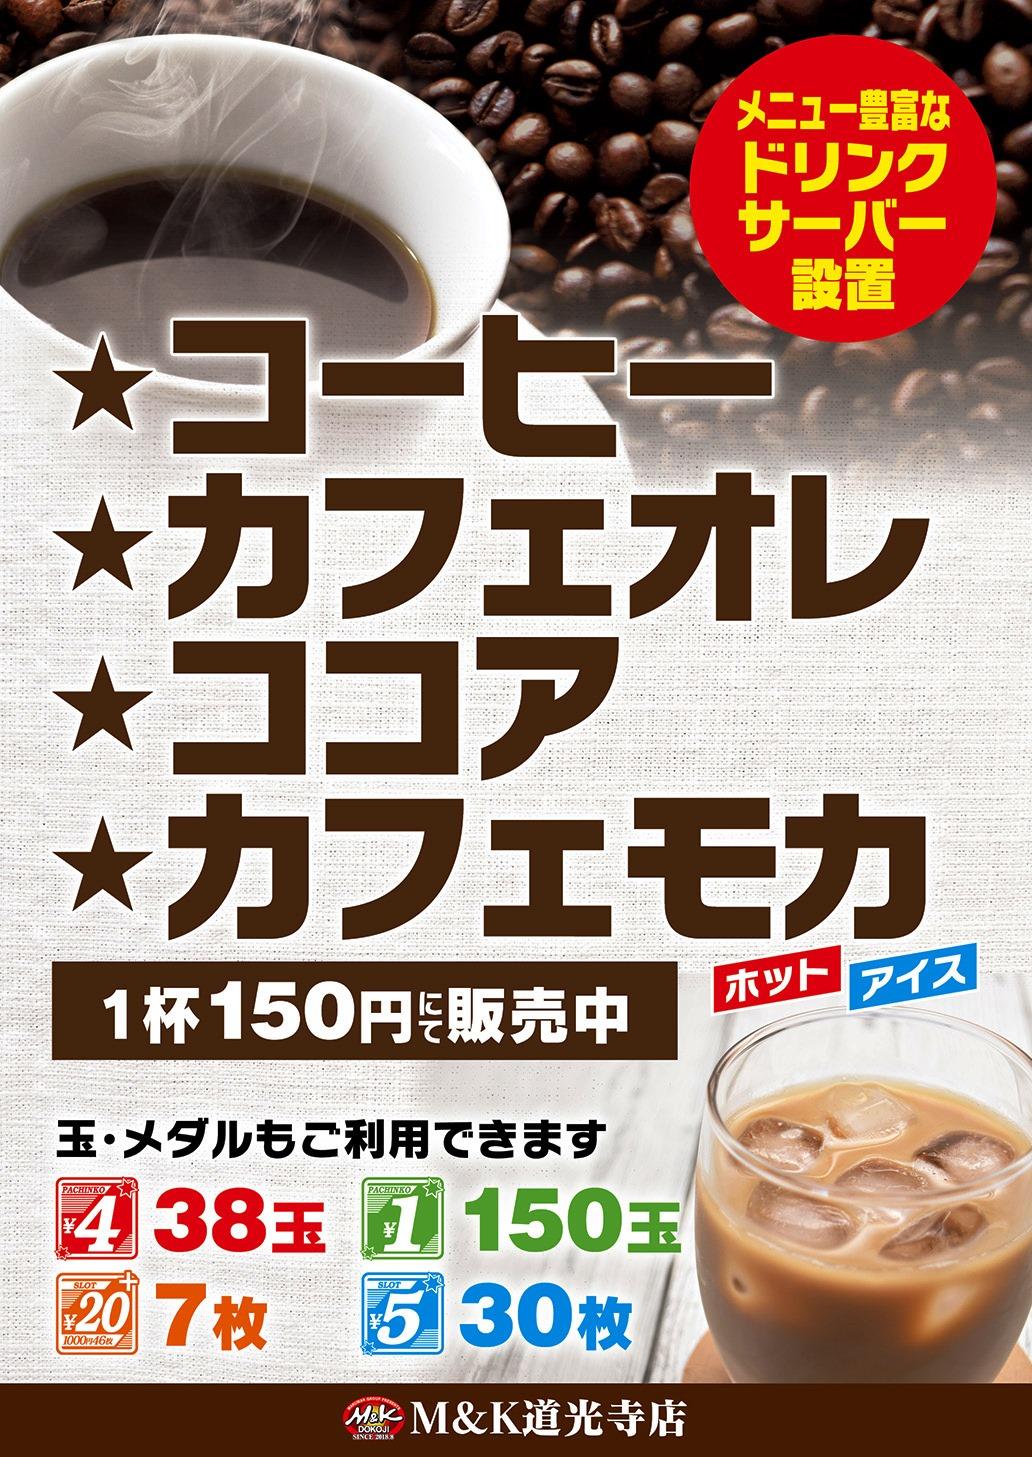 1119入替1円